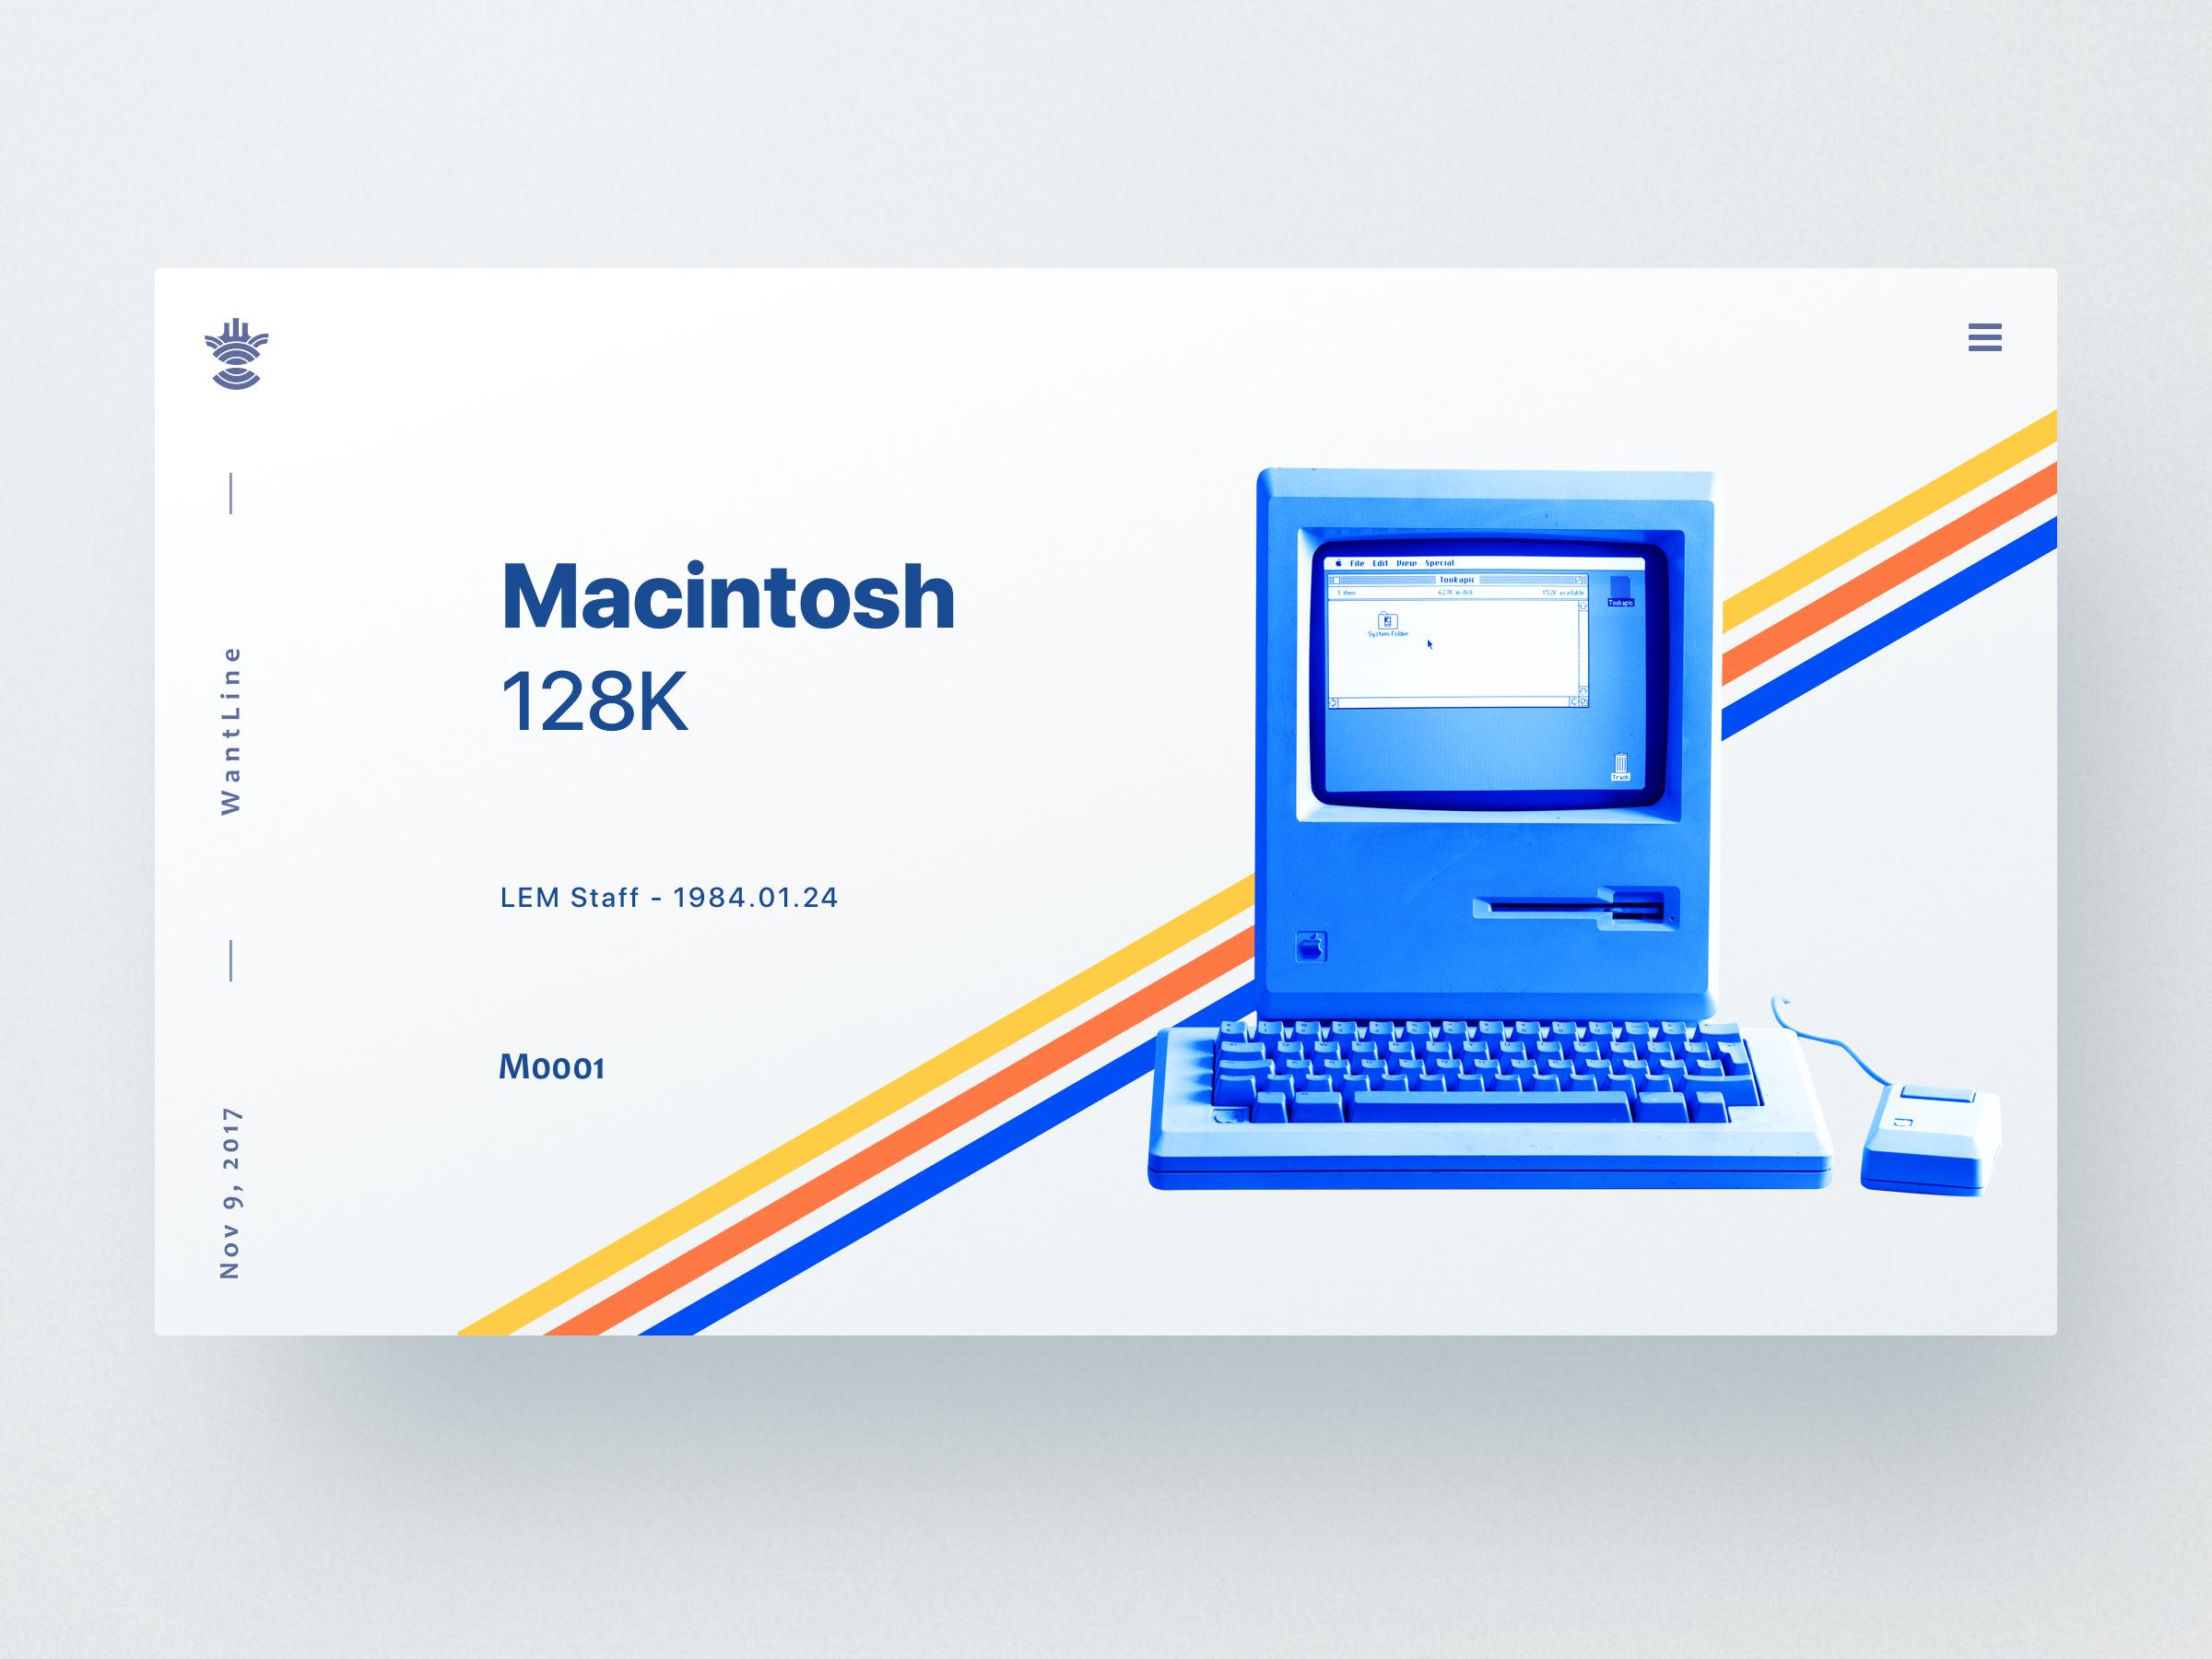 Macintosh 3x